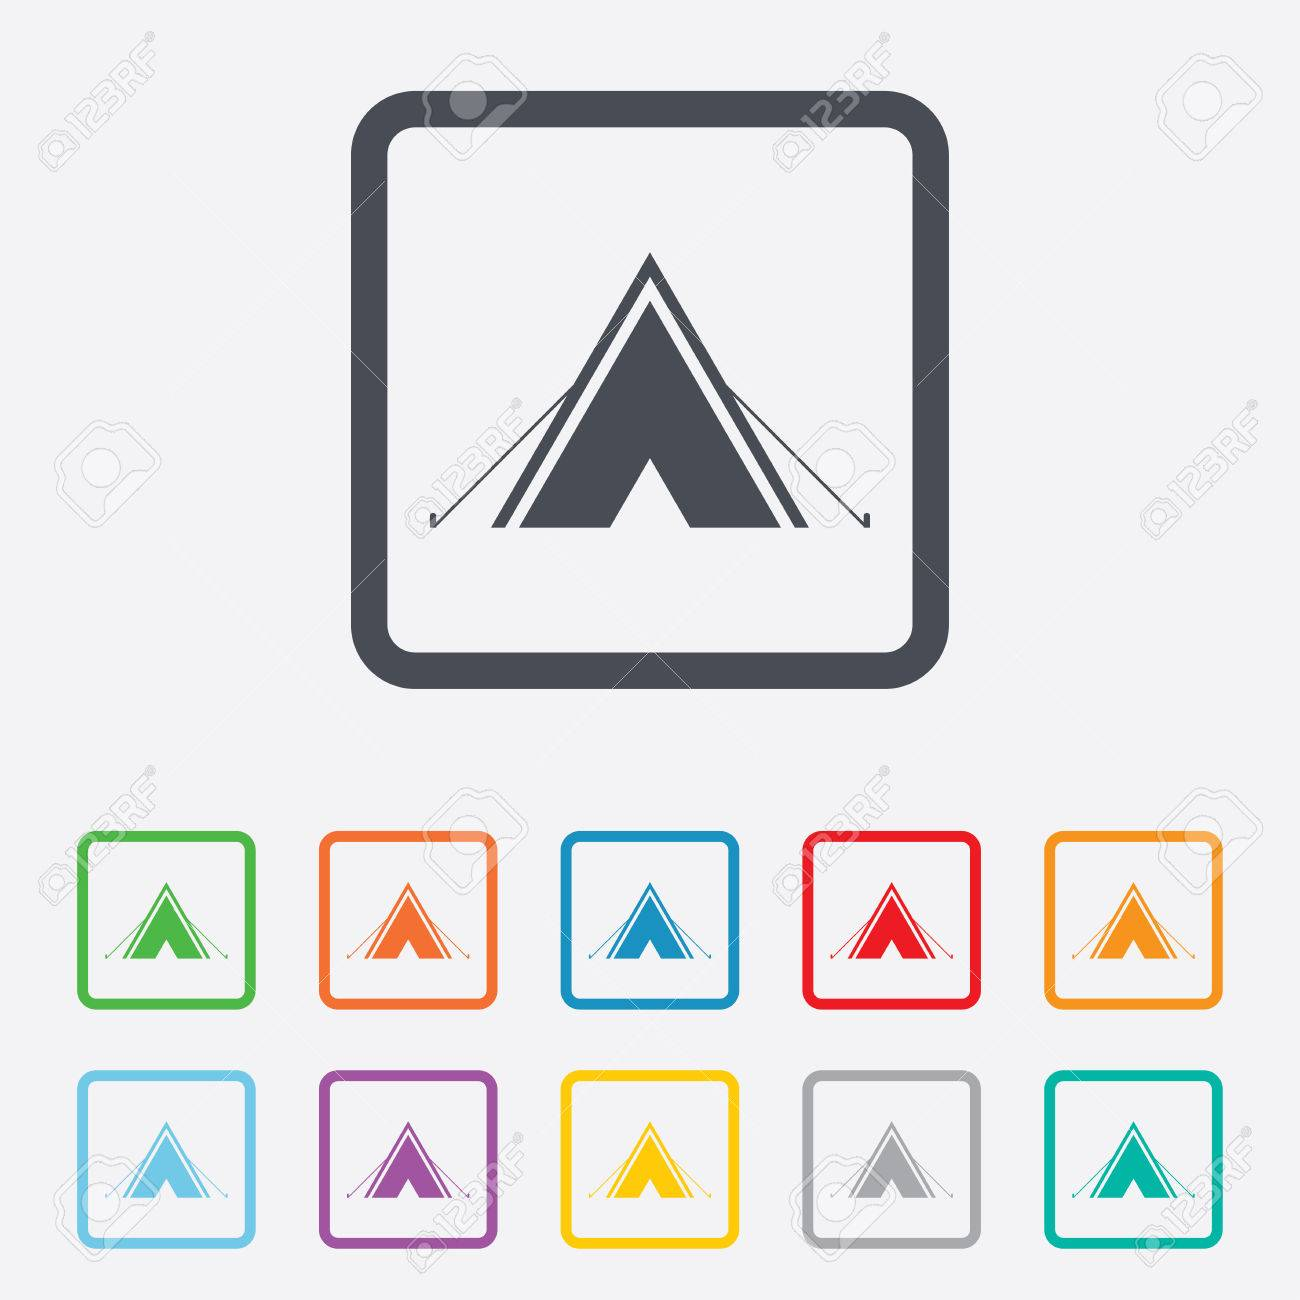 Nomad Tent Clip Art Download 42 clip arts (Page 1) - ClipartLogo.com